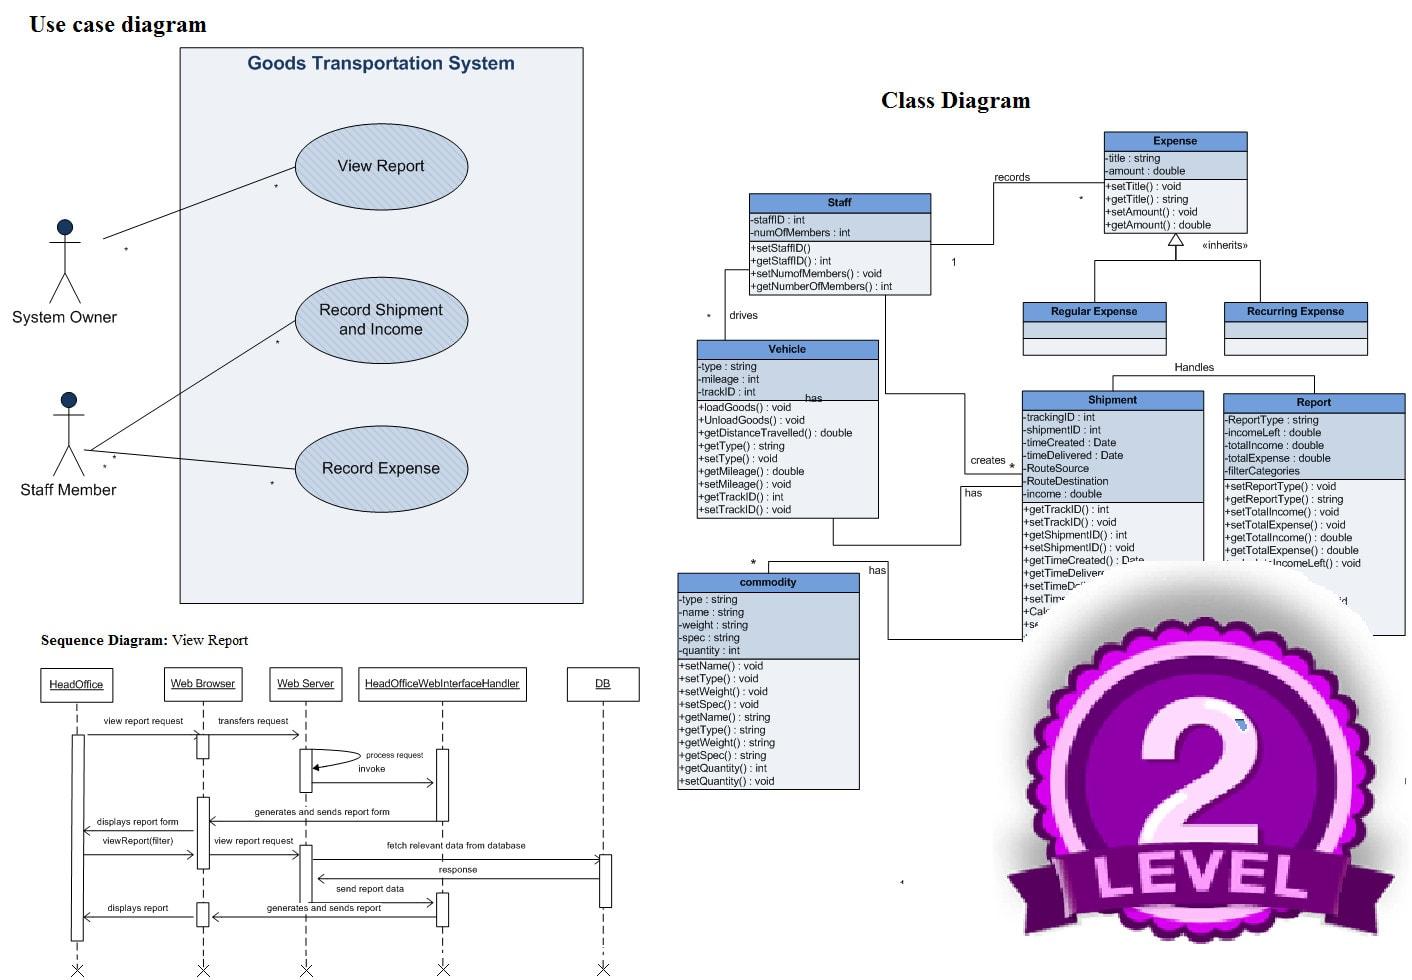 33 Visio Uml Class Diagram - Wiring Diagram Database